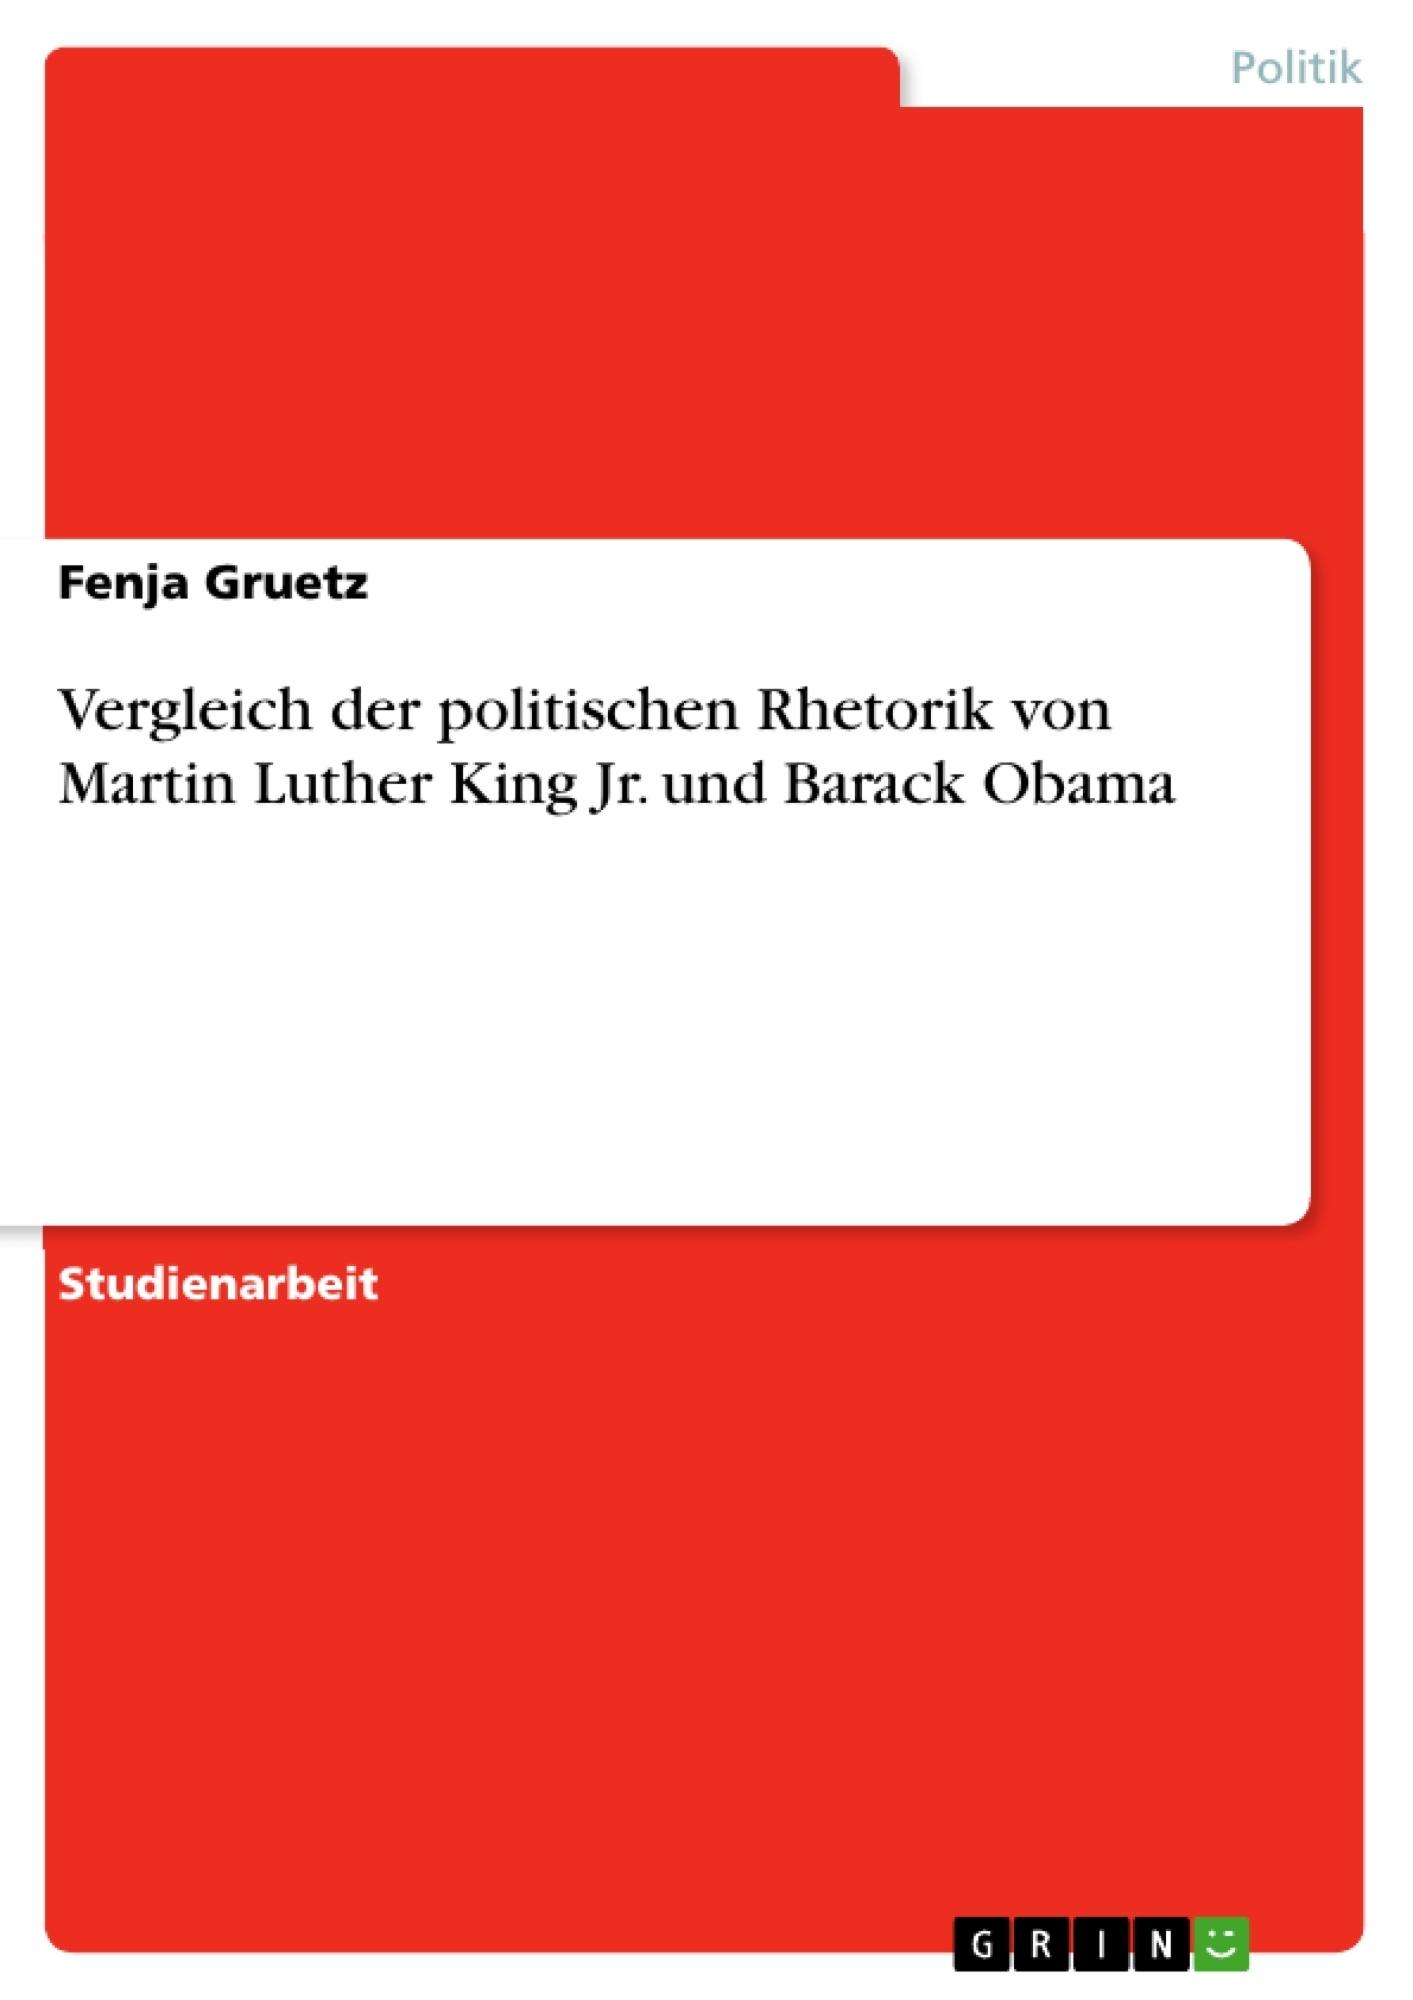 Titel: Vergleich der politischen Rhetorik von Martin Luther King Jr. und Barack Obama